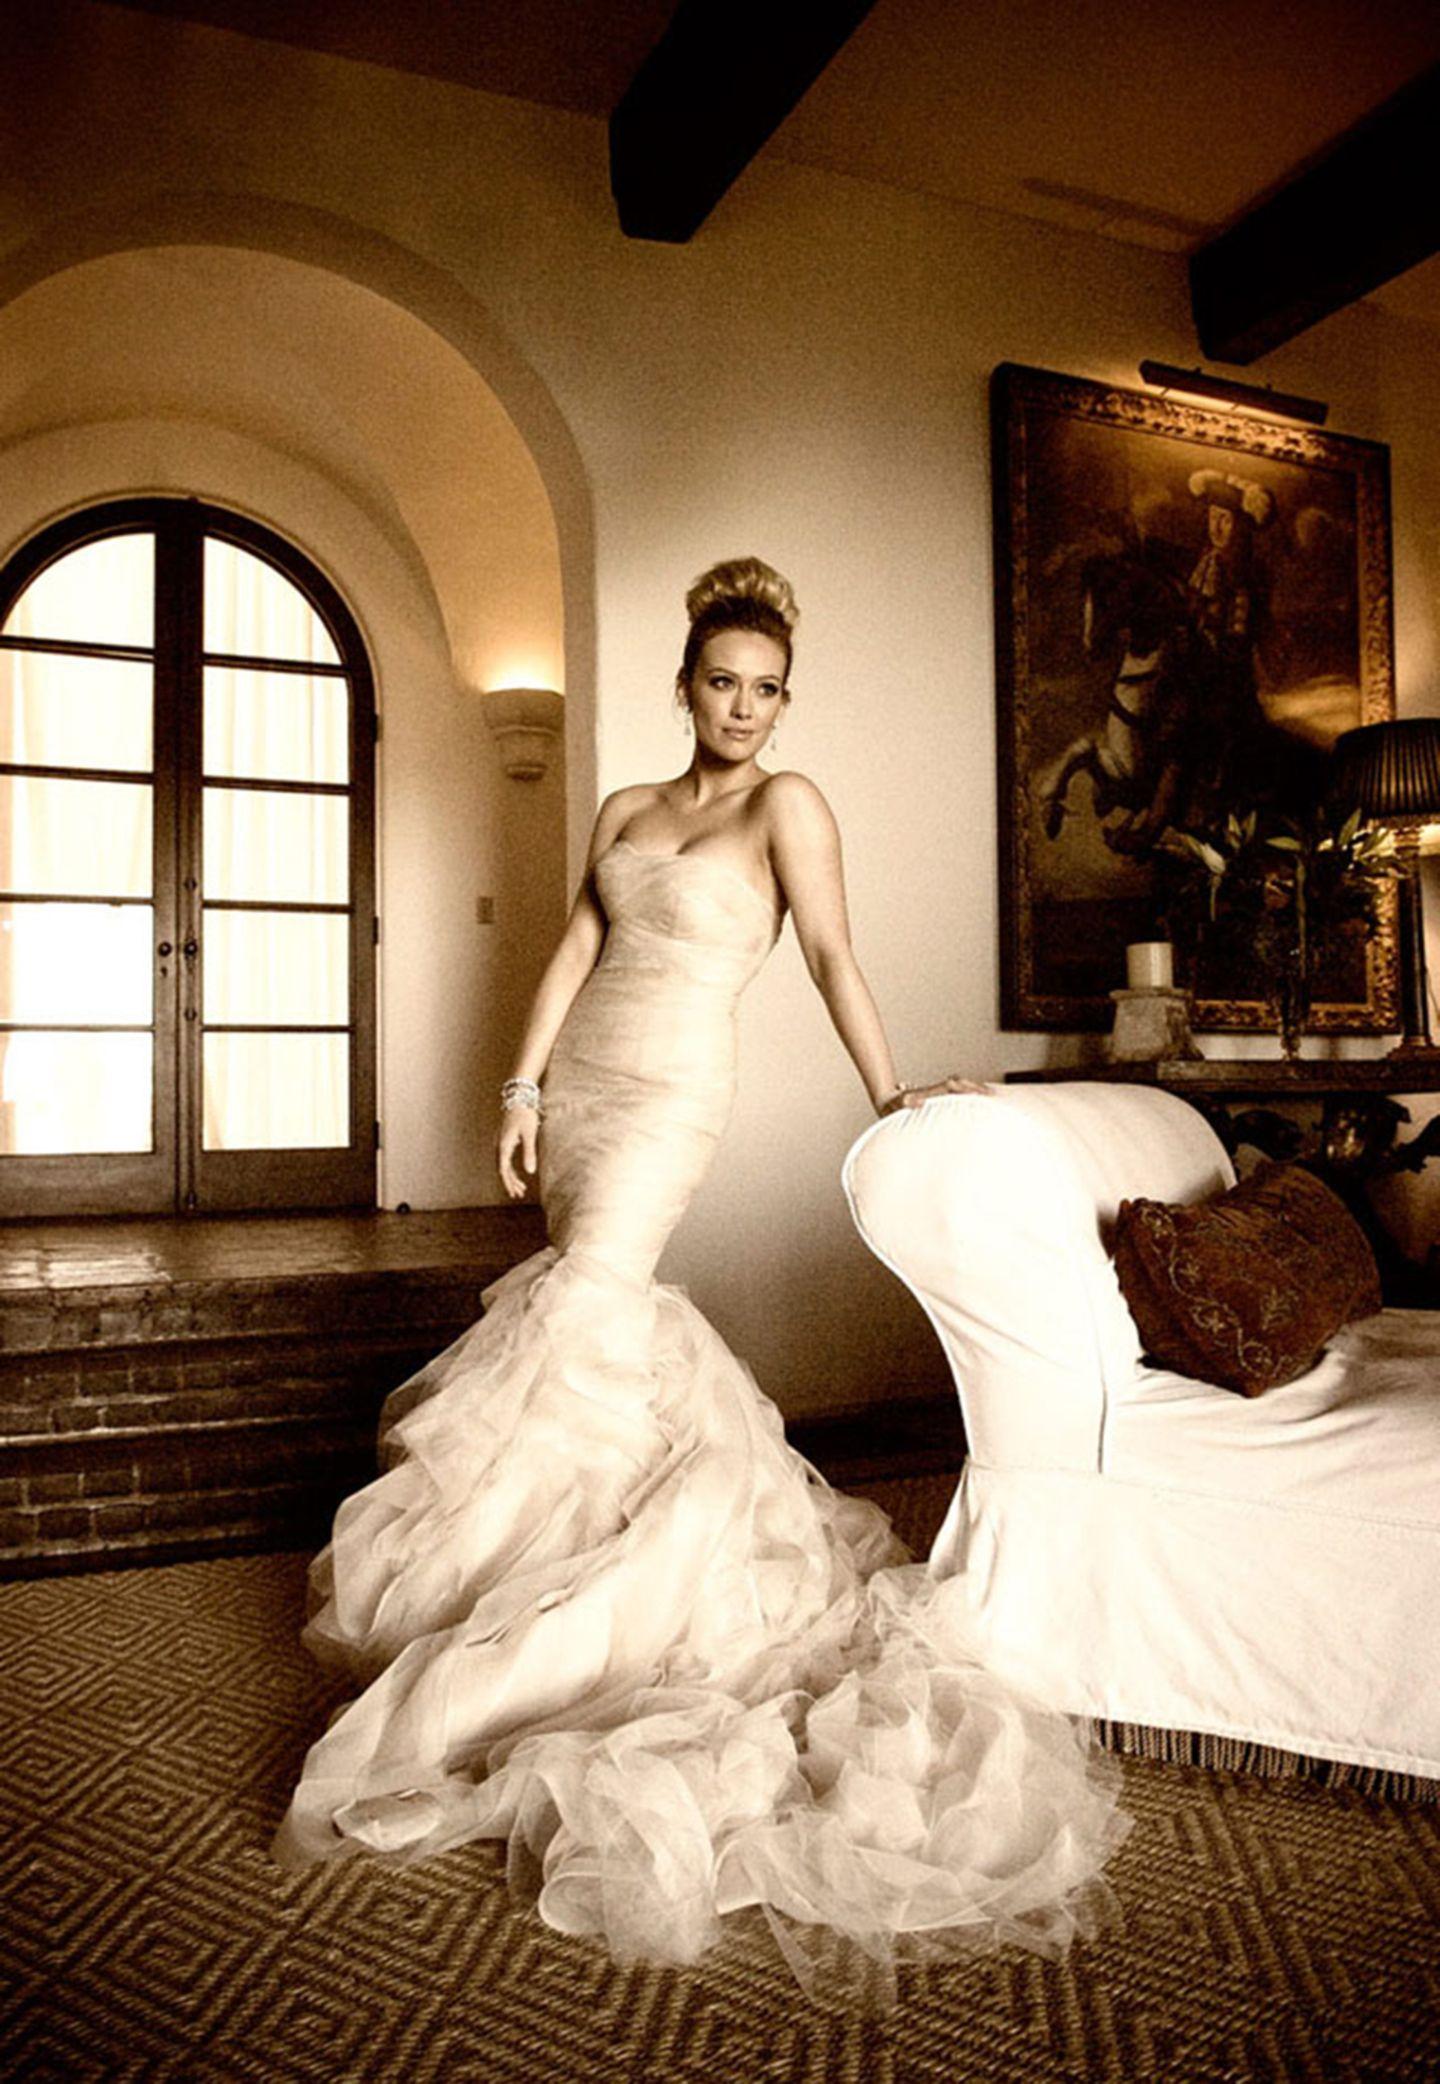 Geschiedene Stars: Auch Hilary Duff traf bereits der Vera-Wang-Fluch. Ihre Ehe mit Mike Comrie ging 2016 in die Brüche. Damit reiht sie sich hinter Kim Kardashian, Kate Hudson, Mariah Carey, Kaley Cuoco und der Brautmoden-Designerin selbst ein.